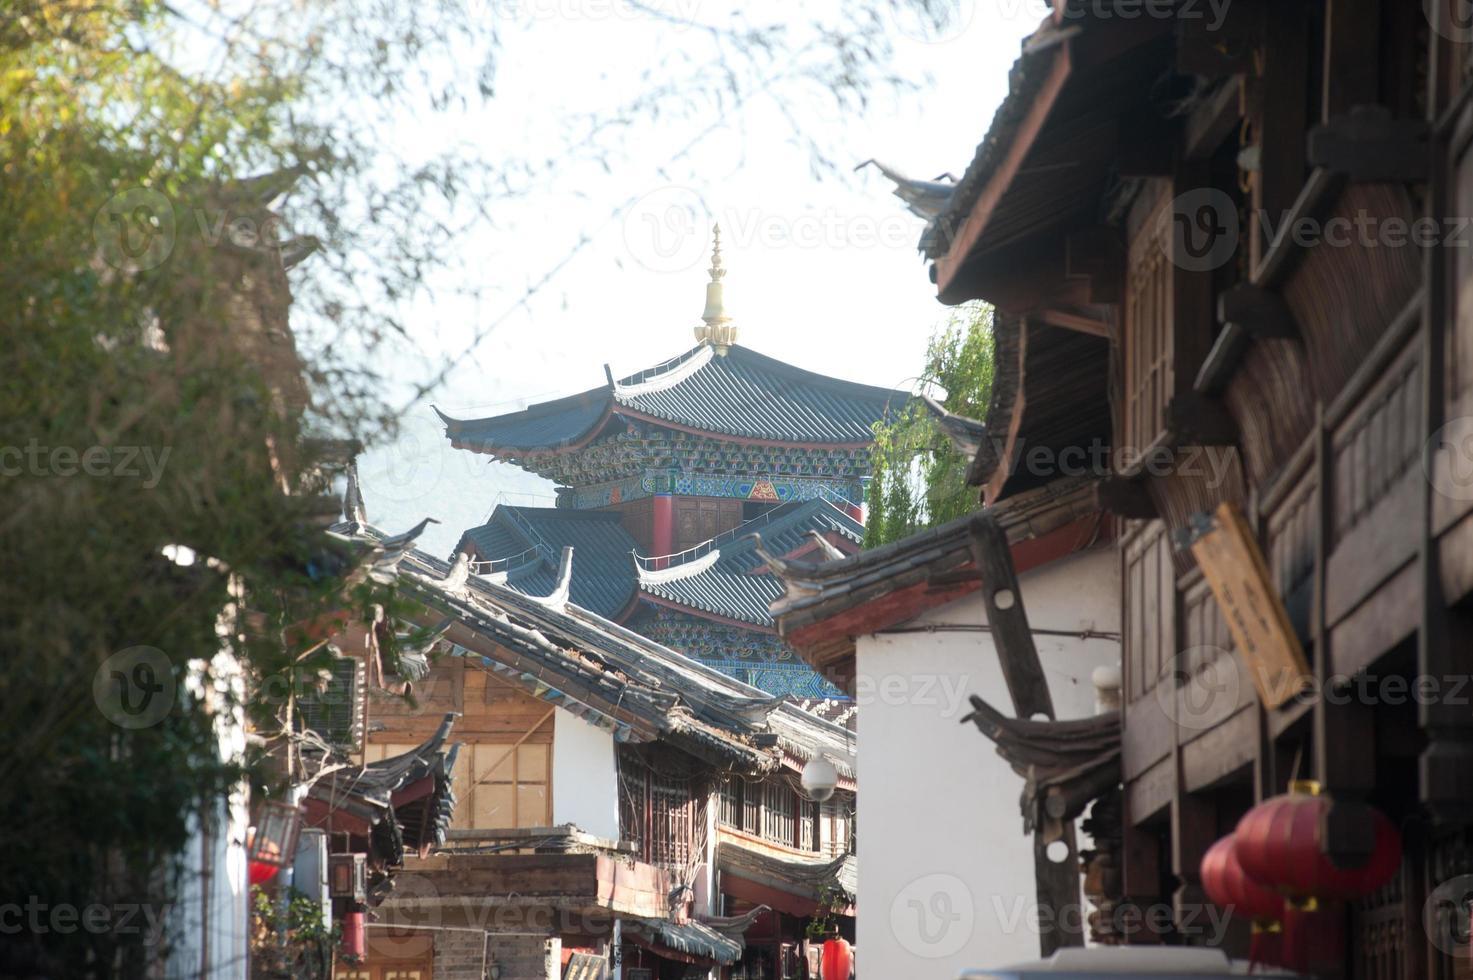 historische stad Lijiang, UNESCO-werelderfgoed. foto